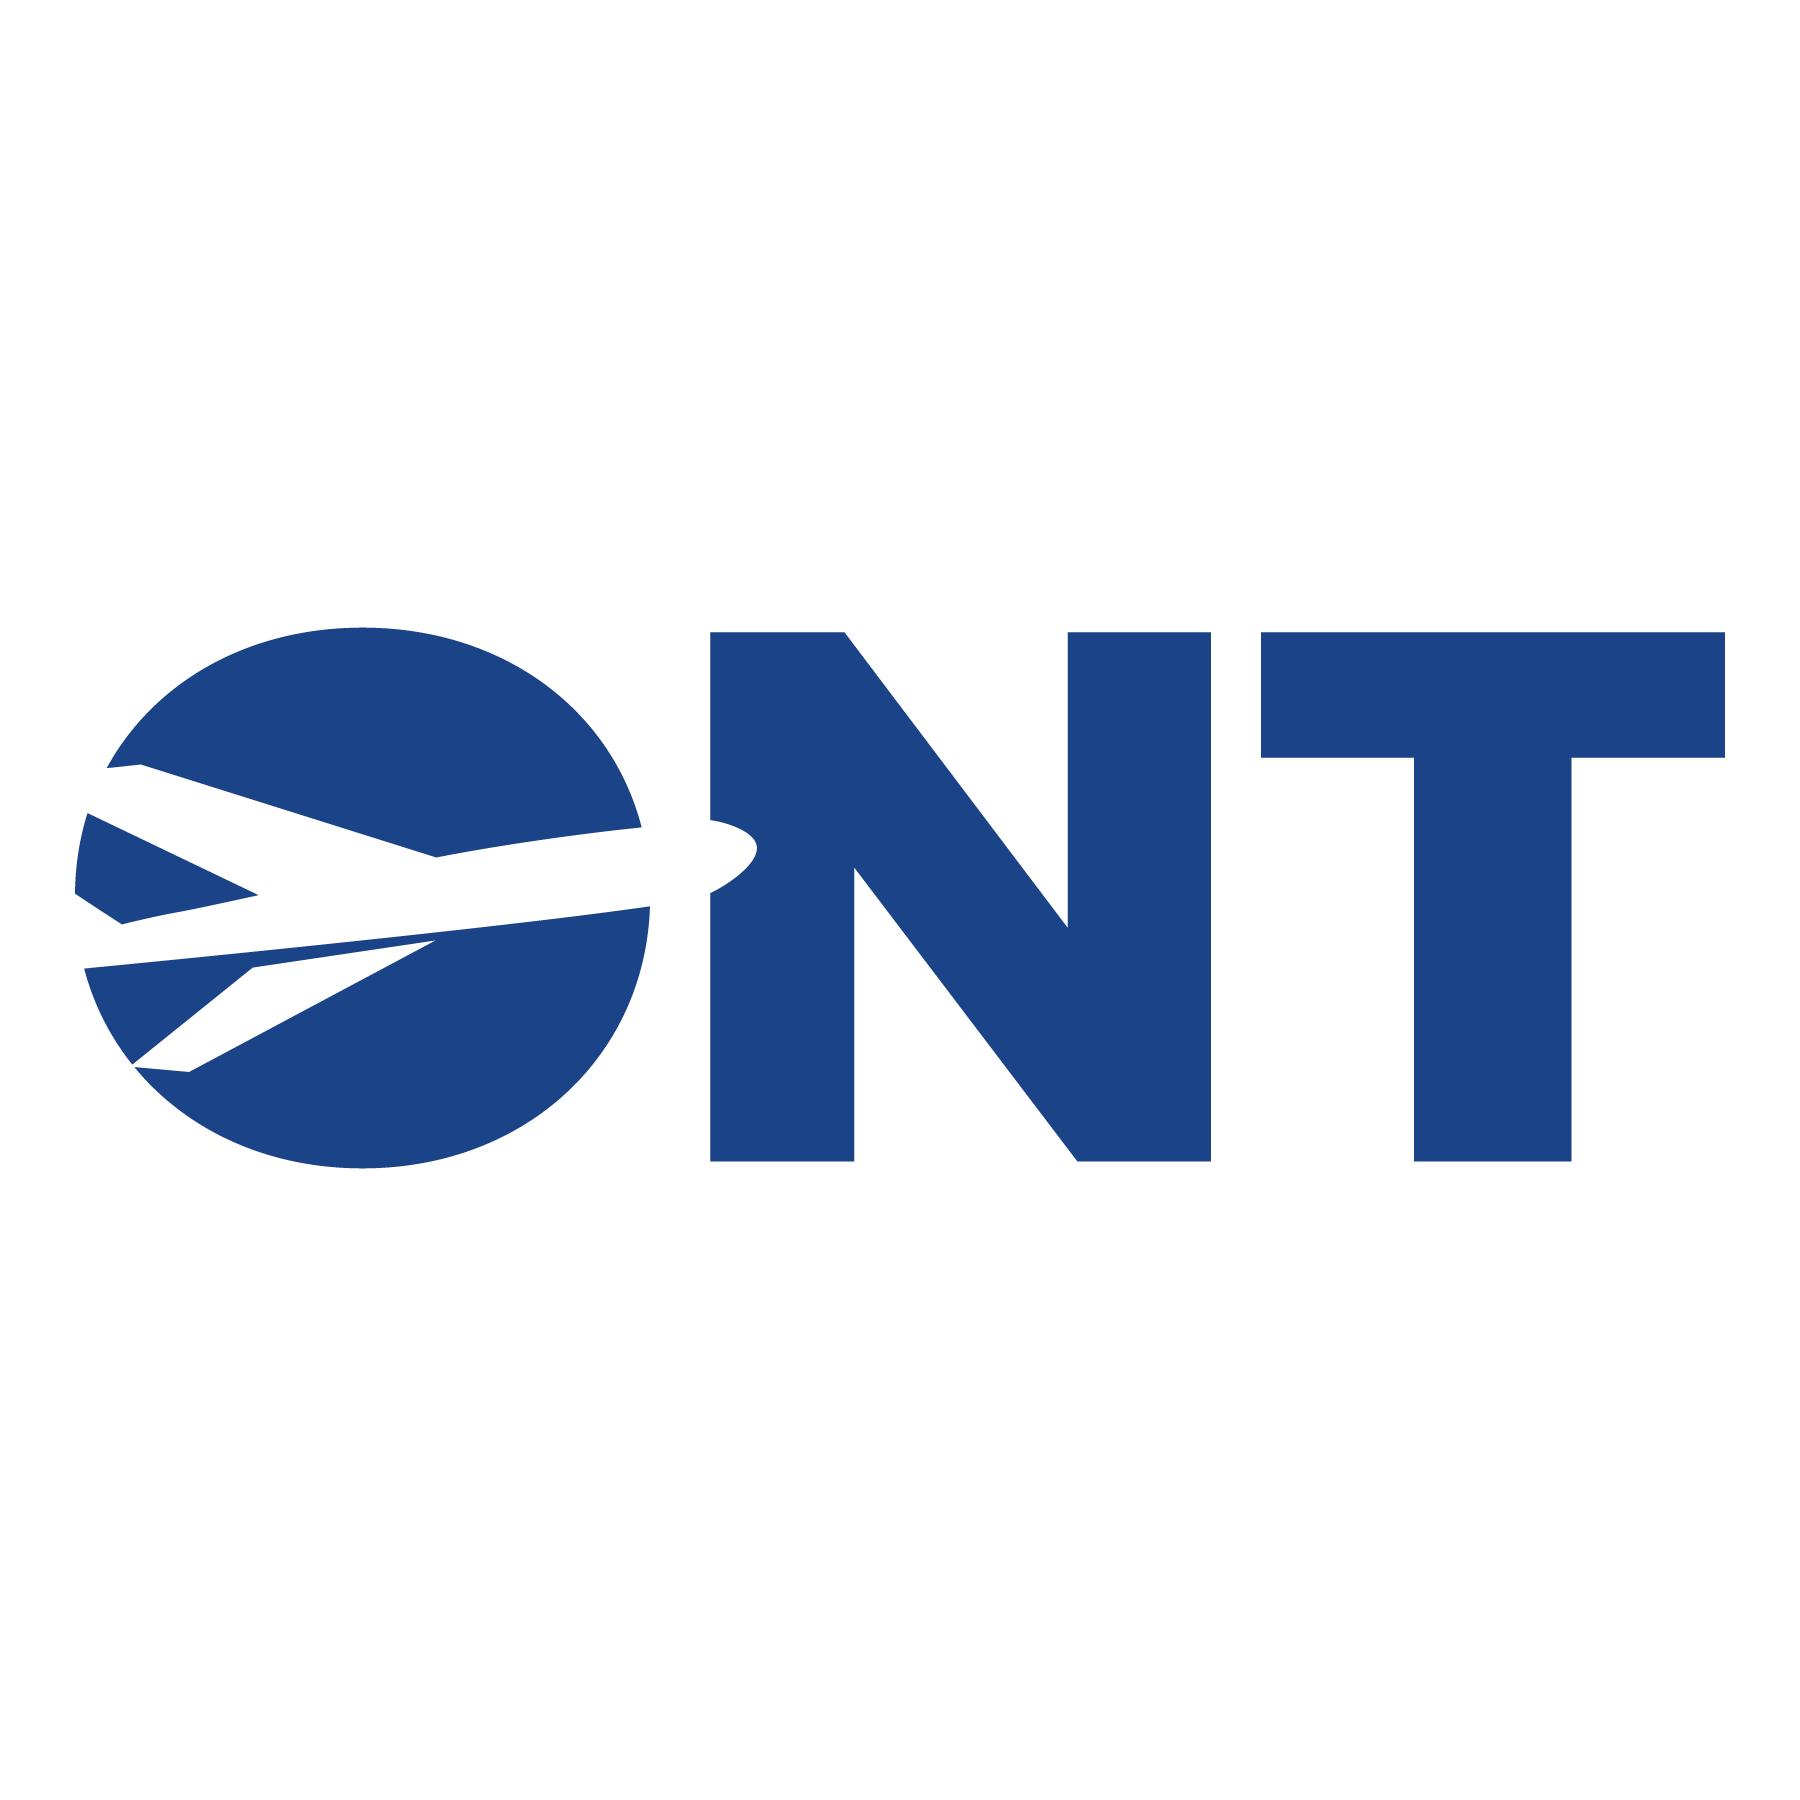 logotipo de fly ontario